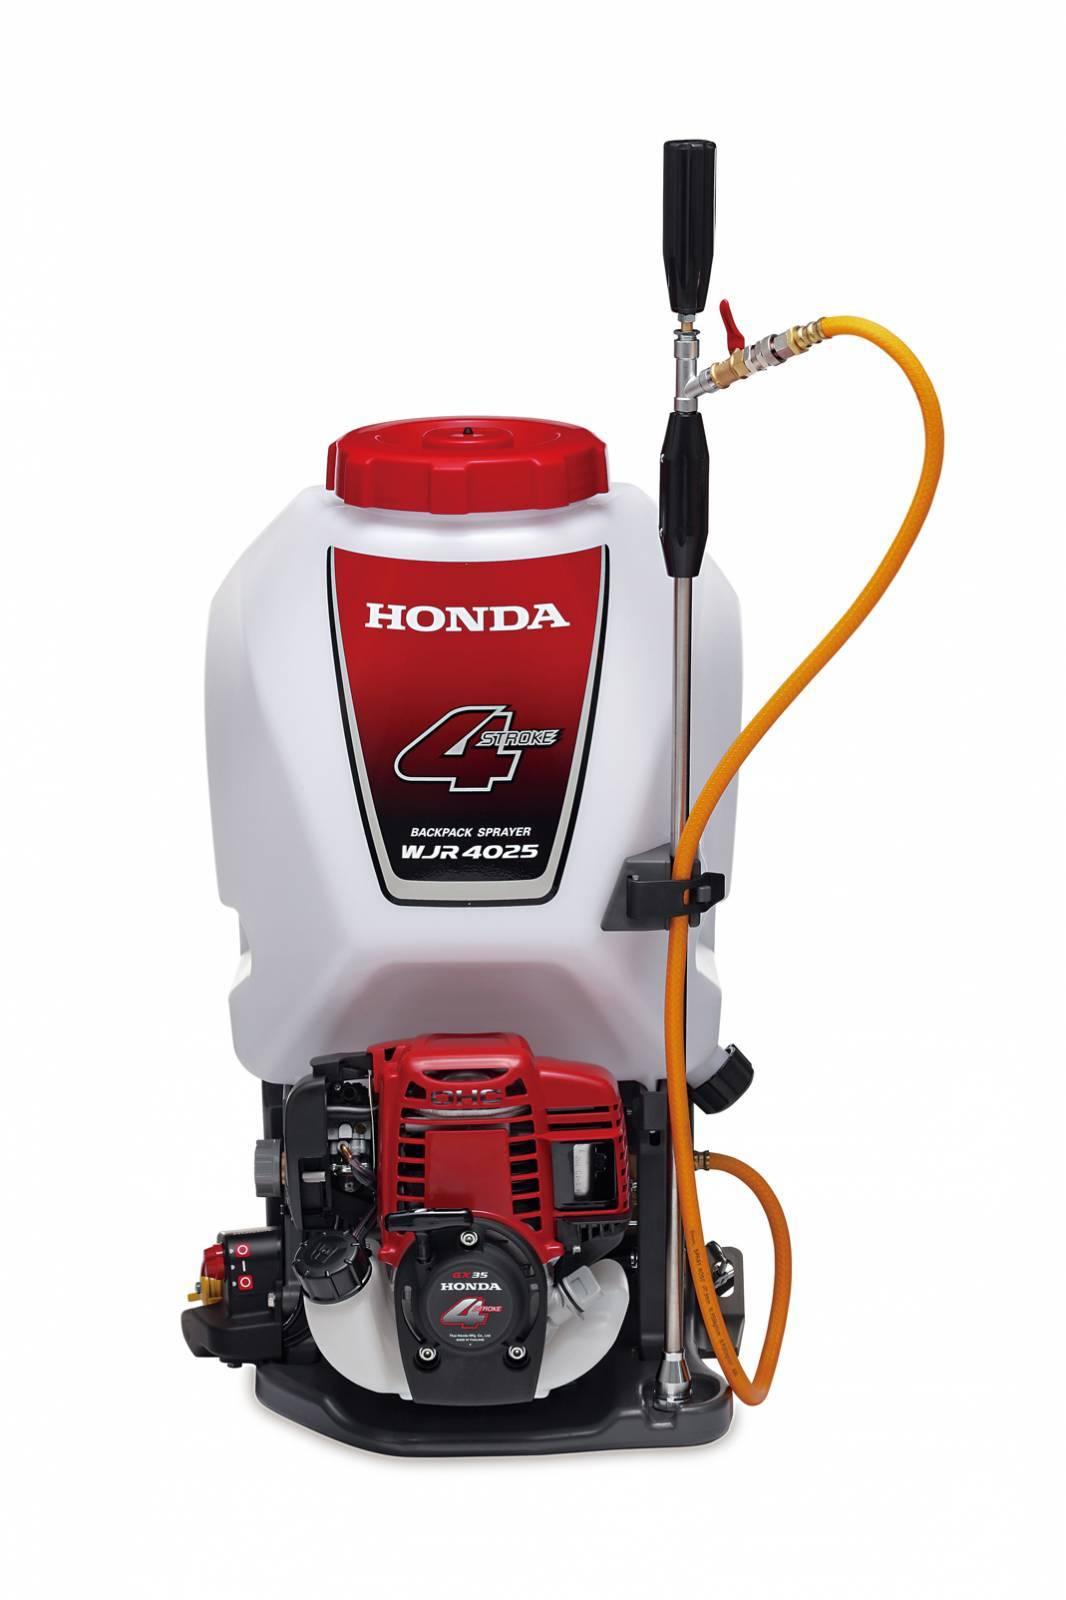 Pulverizador Honda WJR4025T Costal gasolina 4T 1,4Cv Manual